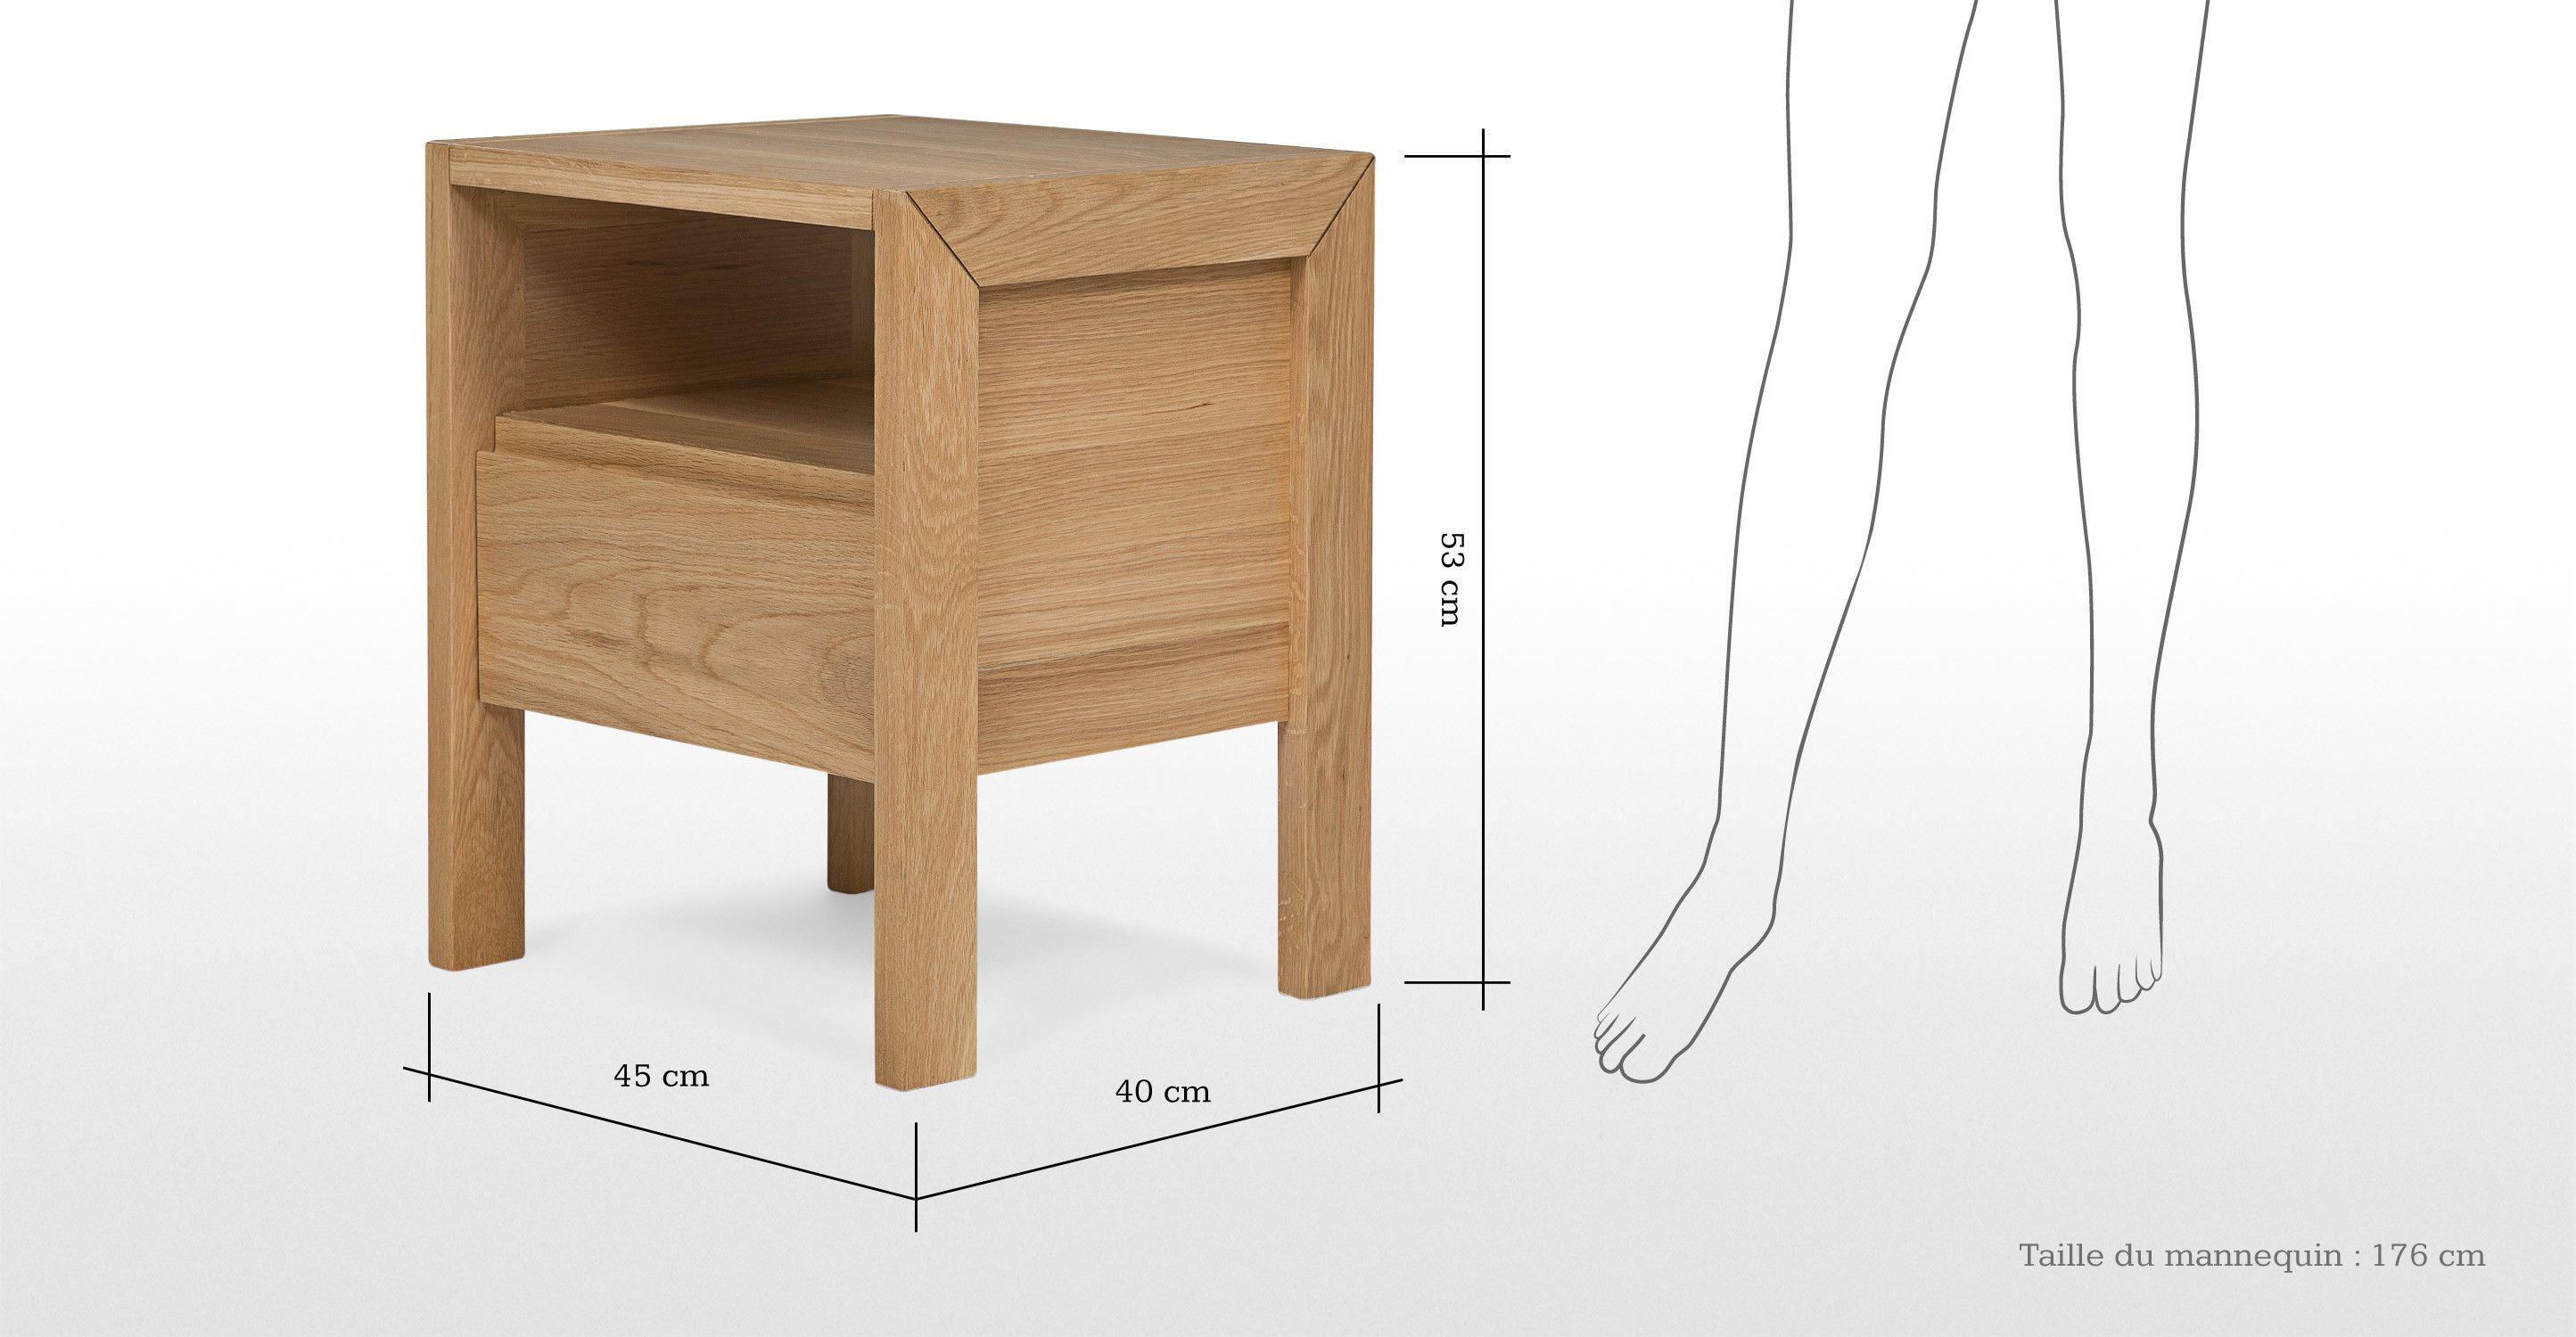 100 Remarquable Suggestions Dimension D Une Table De Nuit